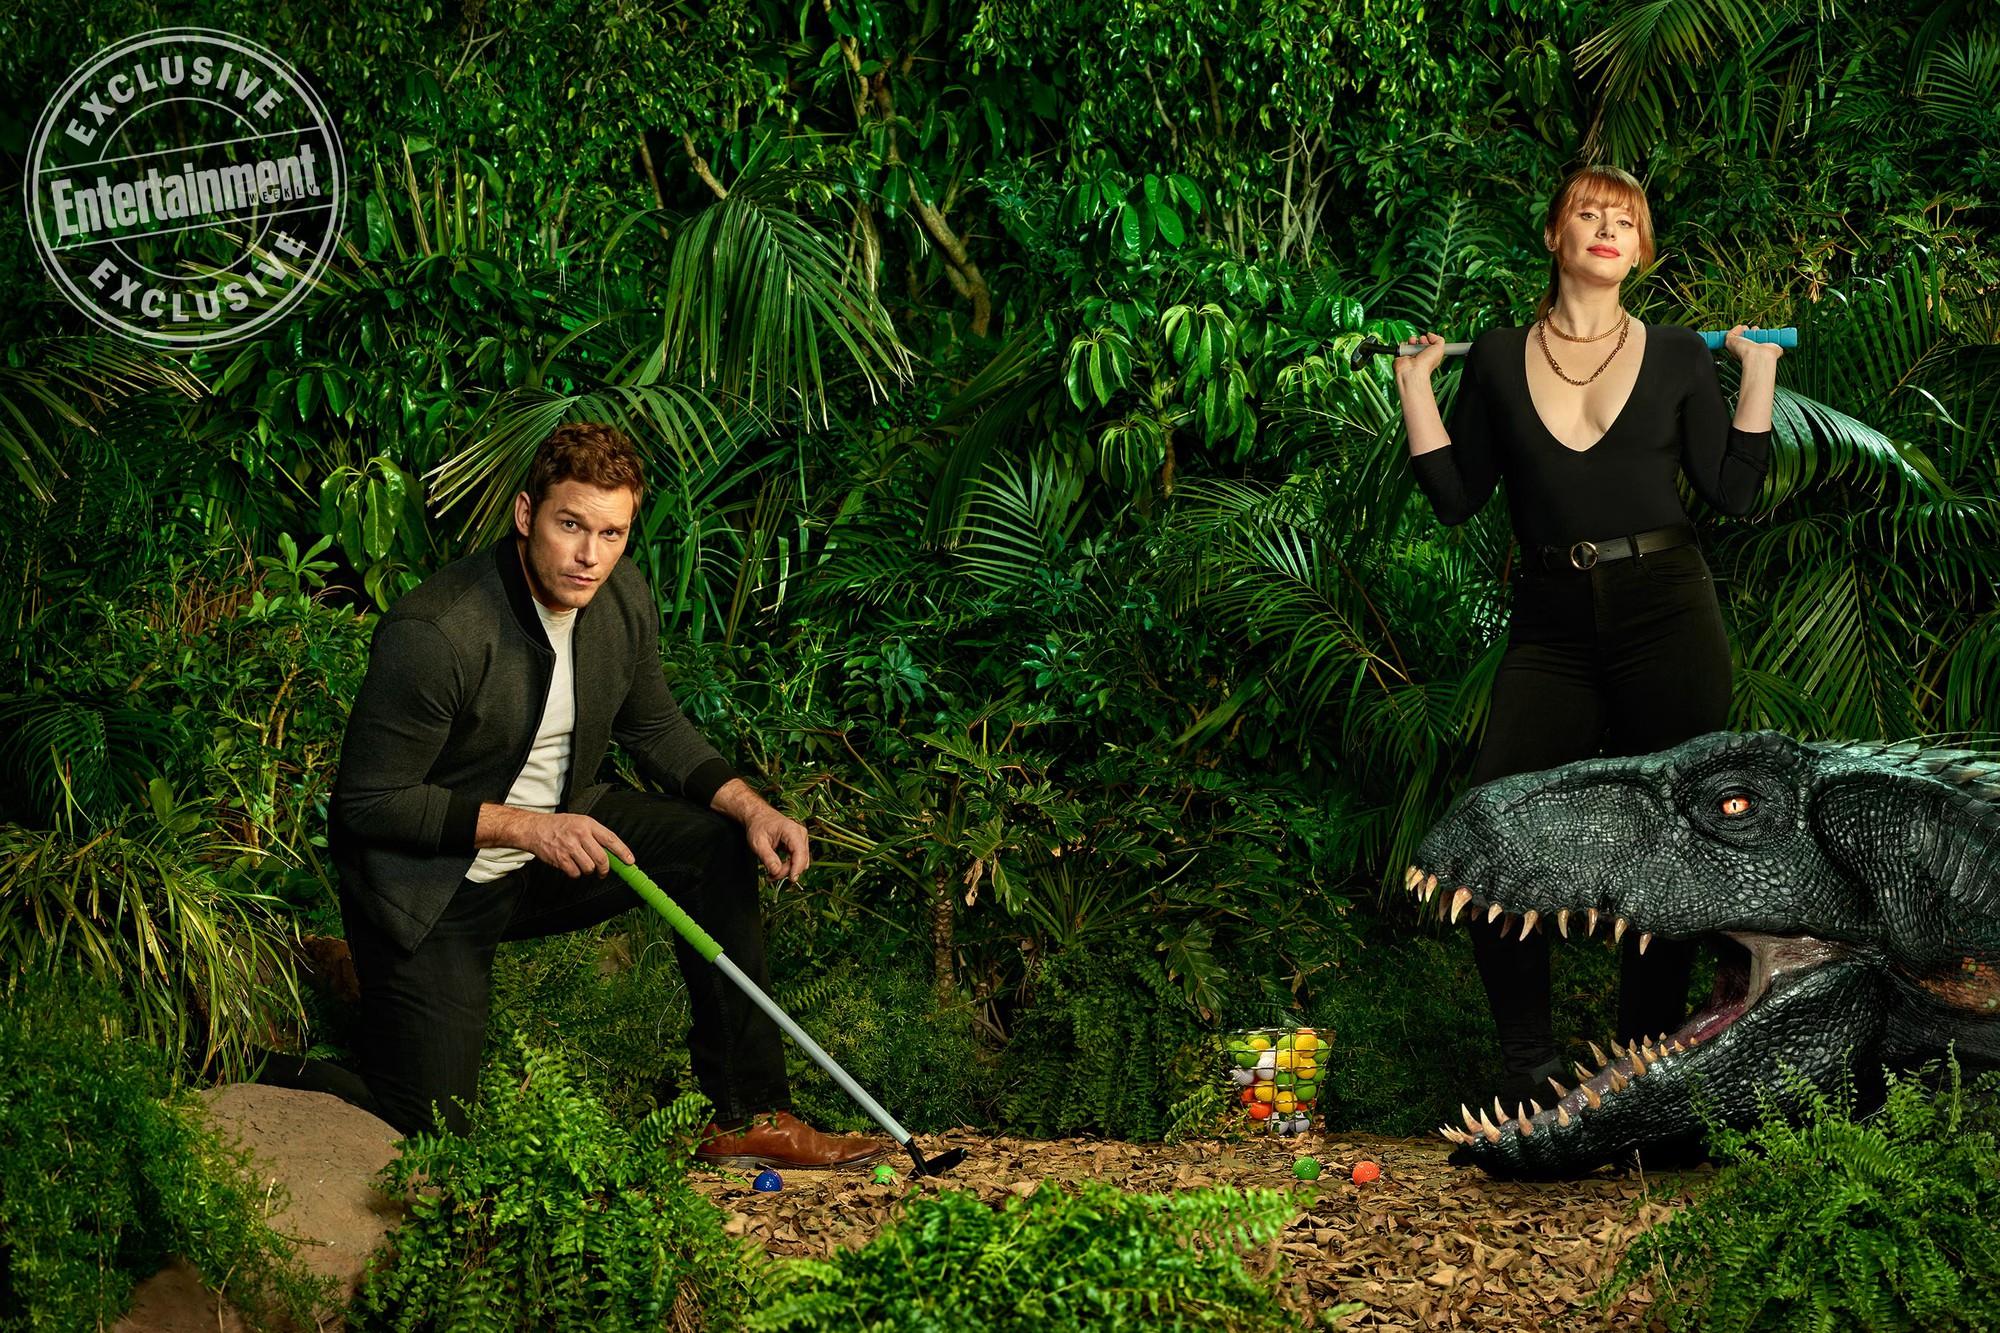 Cẩm nang 5 điều nằm lòng giúp bạn tránh lạc ở thế giới khủng long Jurassic World: Fallen Kingdom - Ảnh 3.